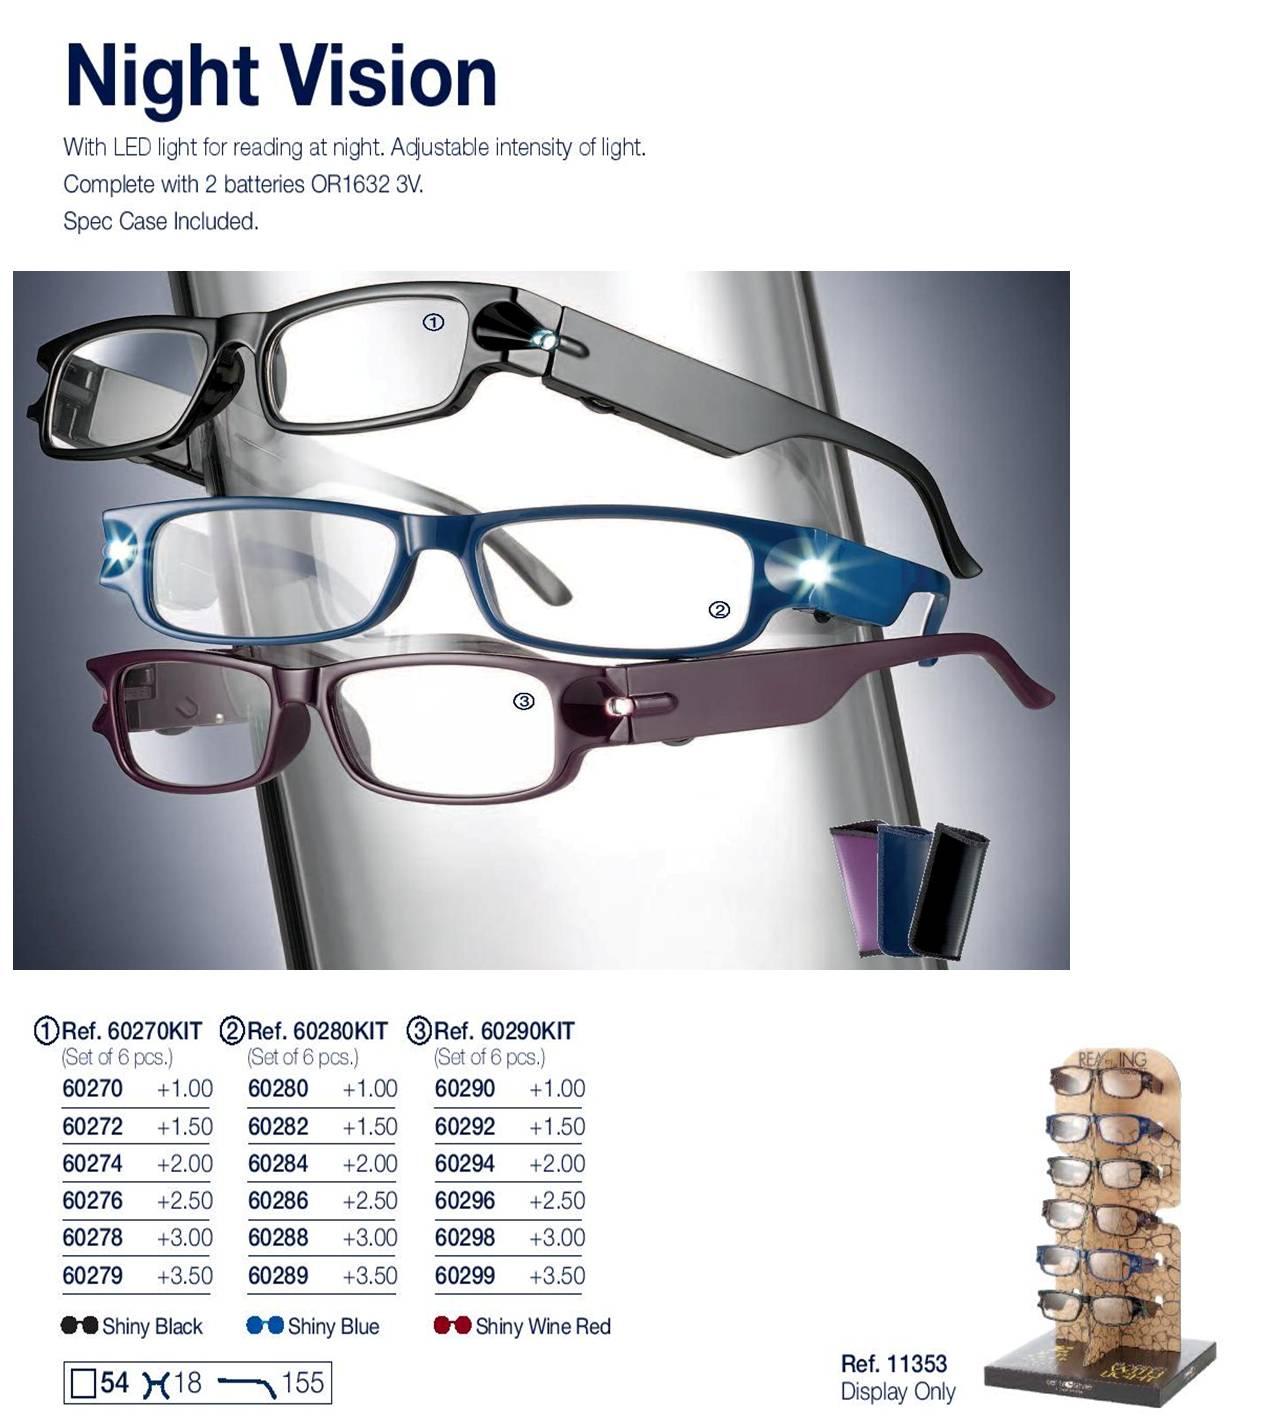 0260278 - Óculos Leitura Night Vision Preto +3,00 Mod 60278 FLAG 9 - Contém 1 Peça